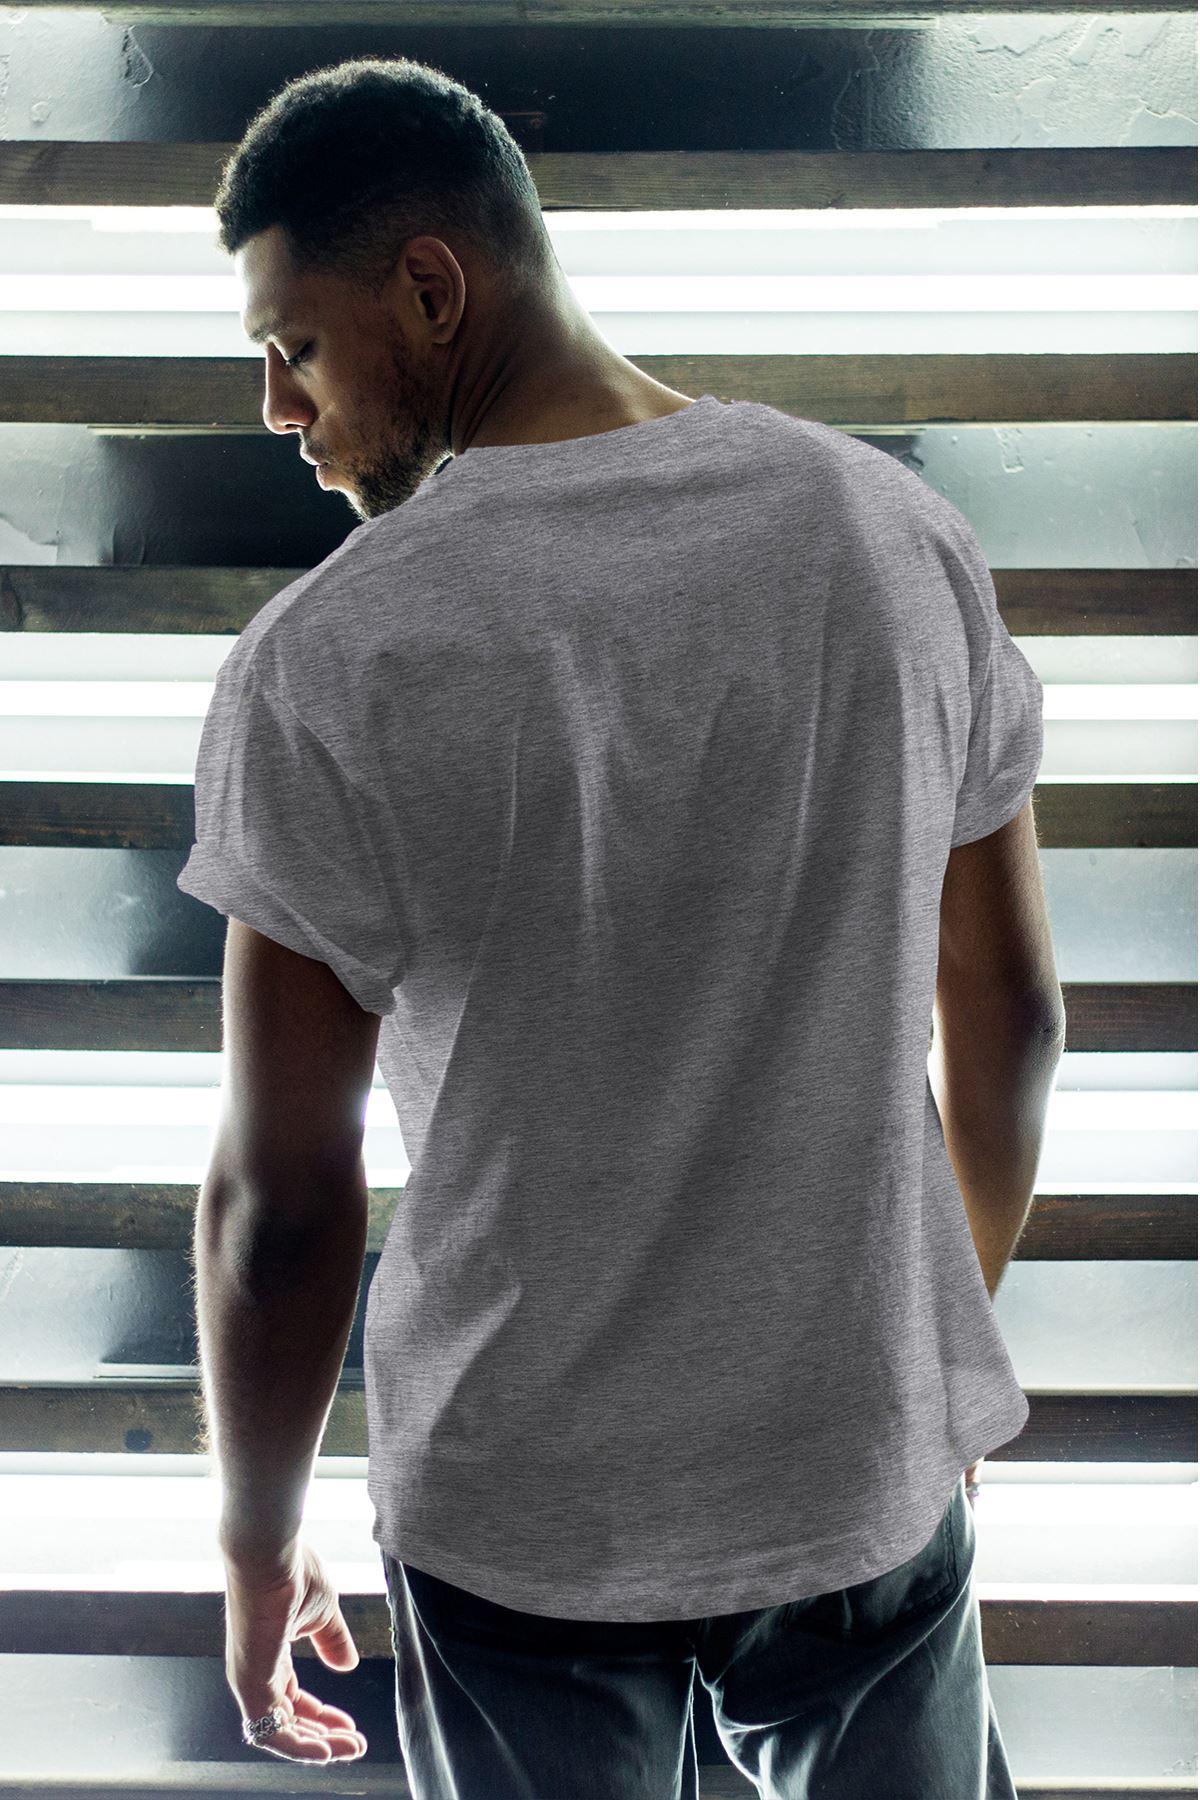 Anime Bebop 04 Gri Erkek Oversize Tshirt - Tişört